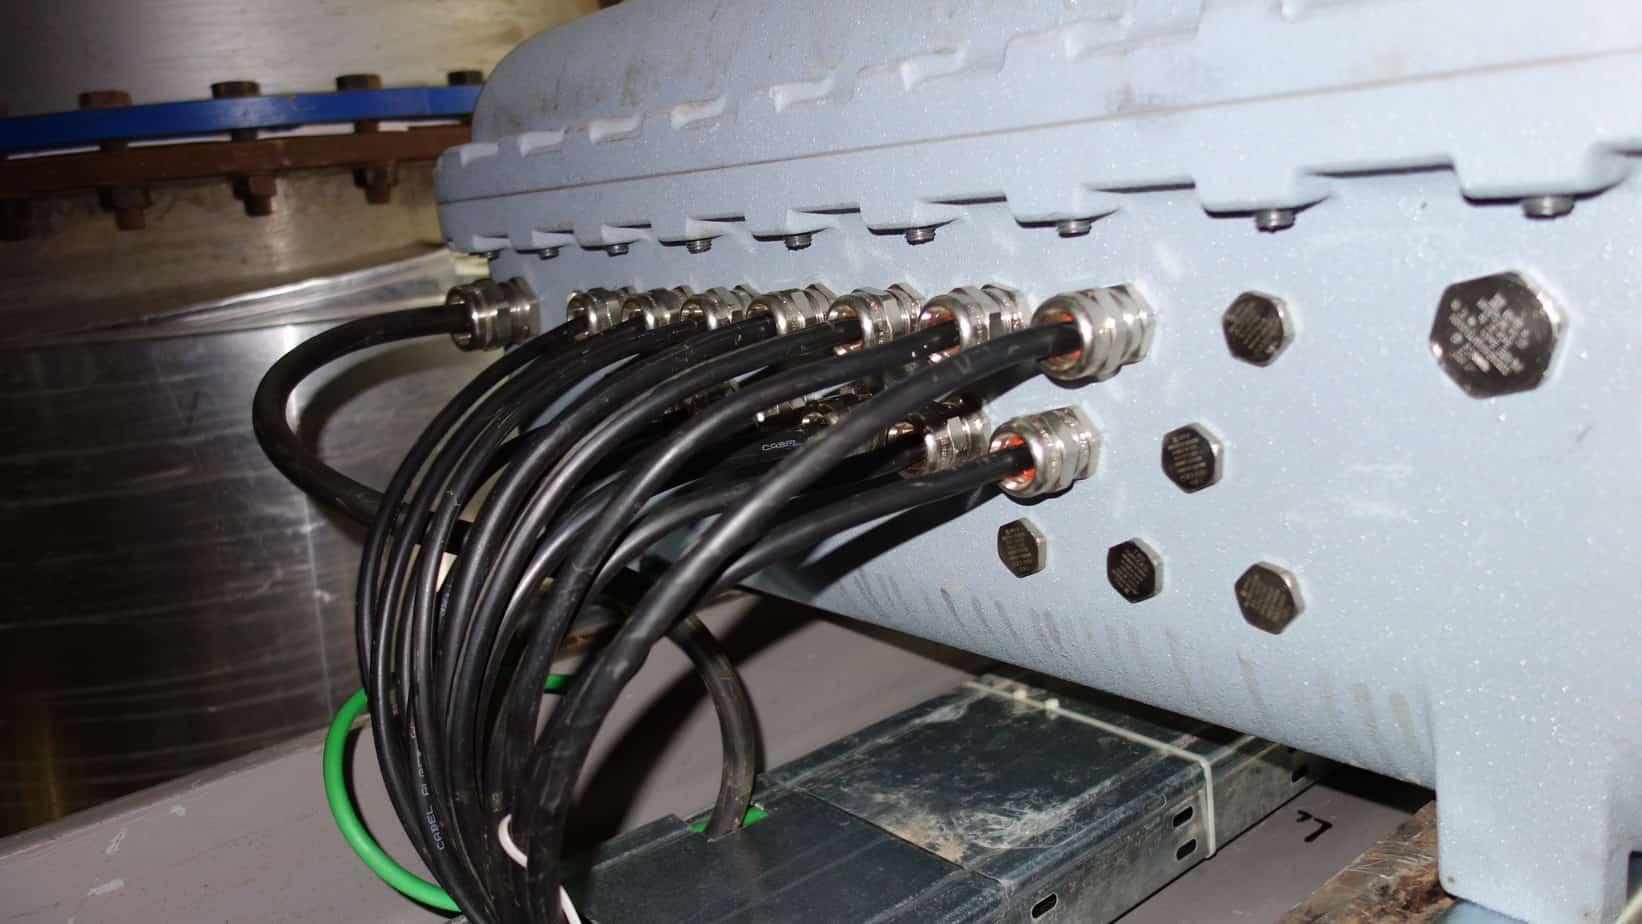 entree cables et presse etoupes surcoffret CCF atex